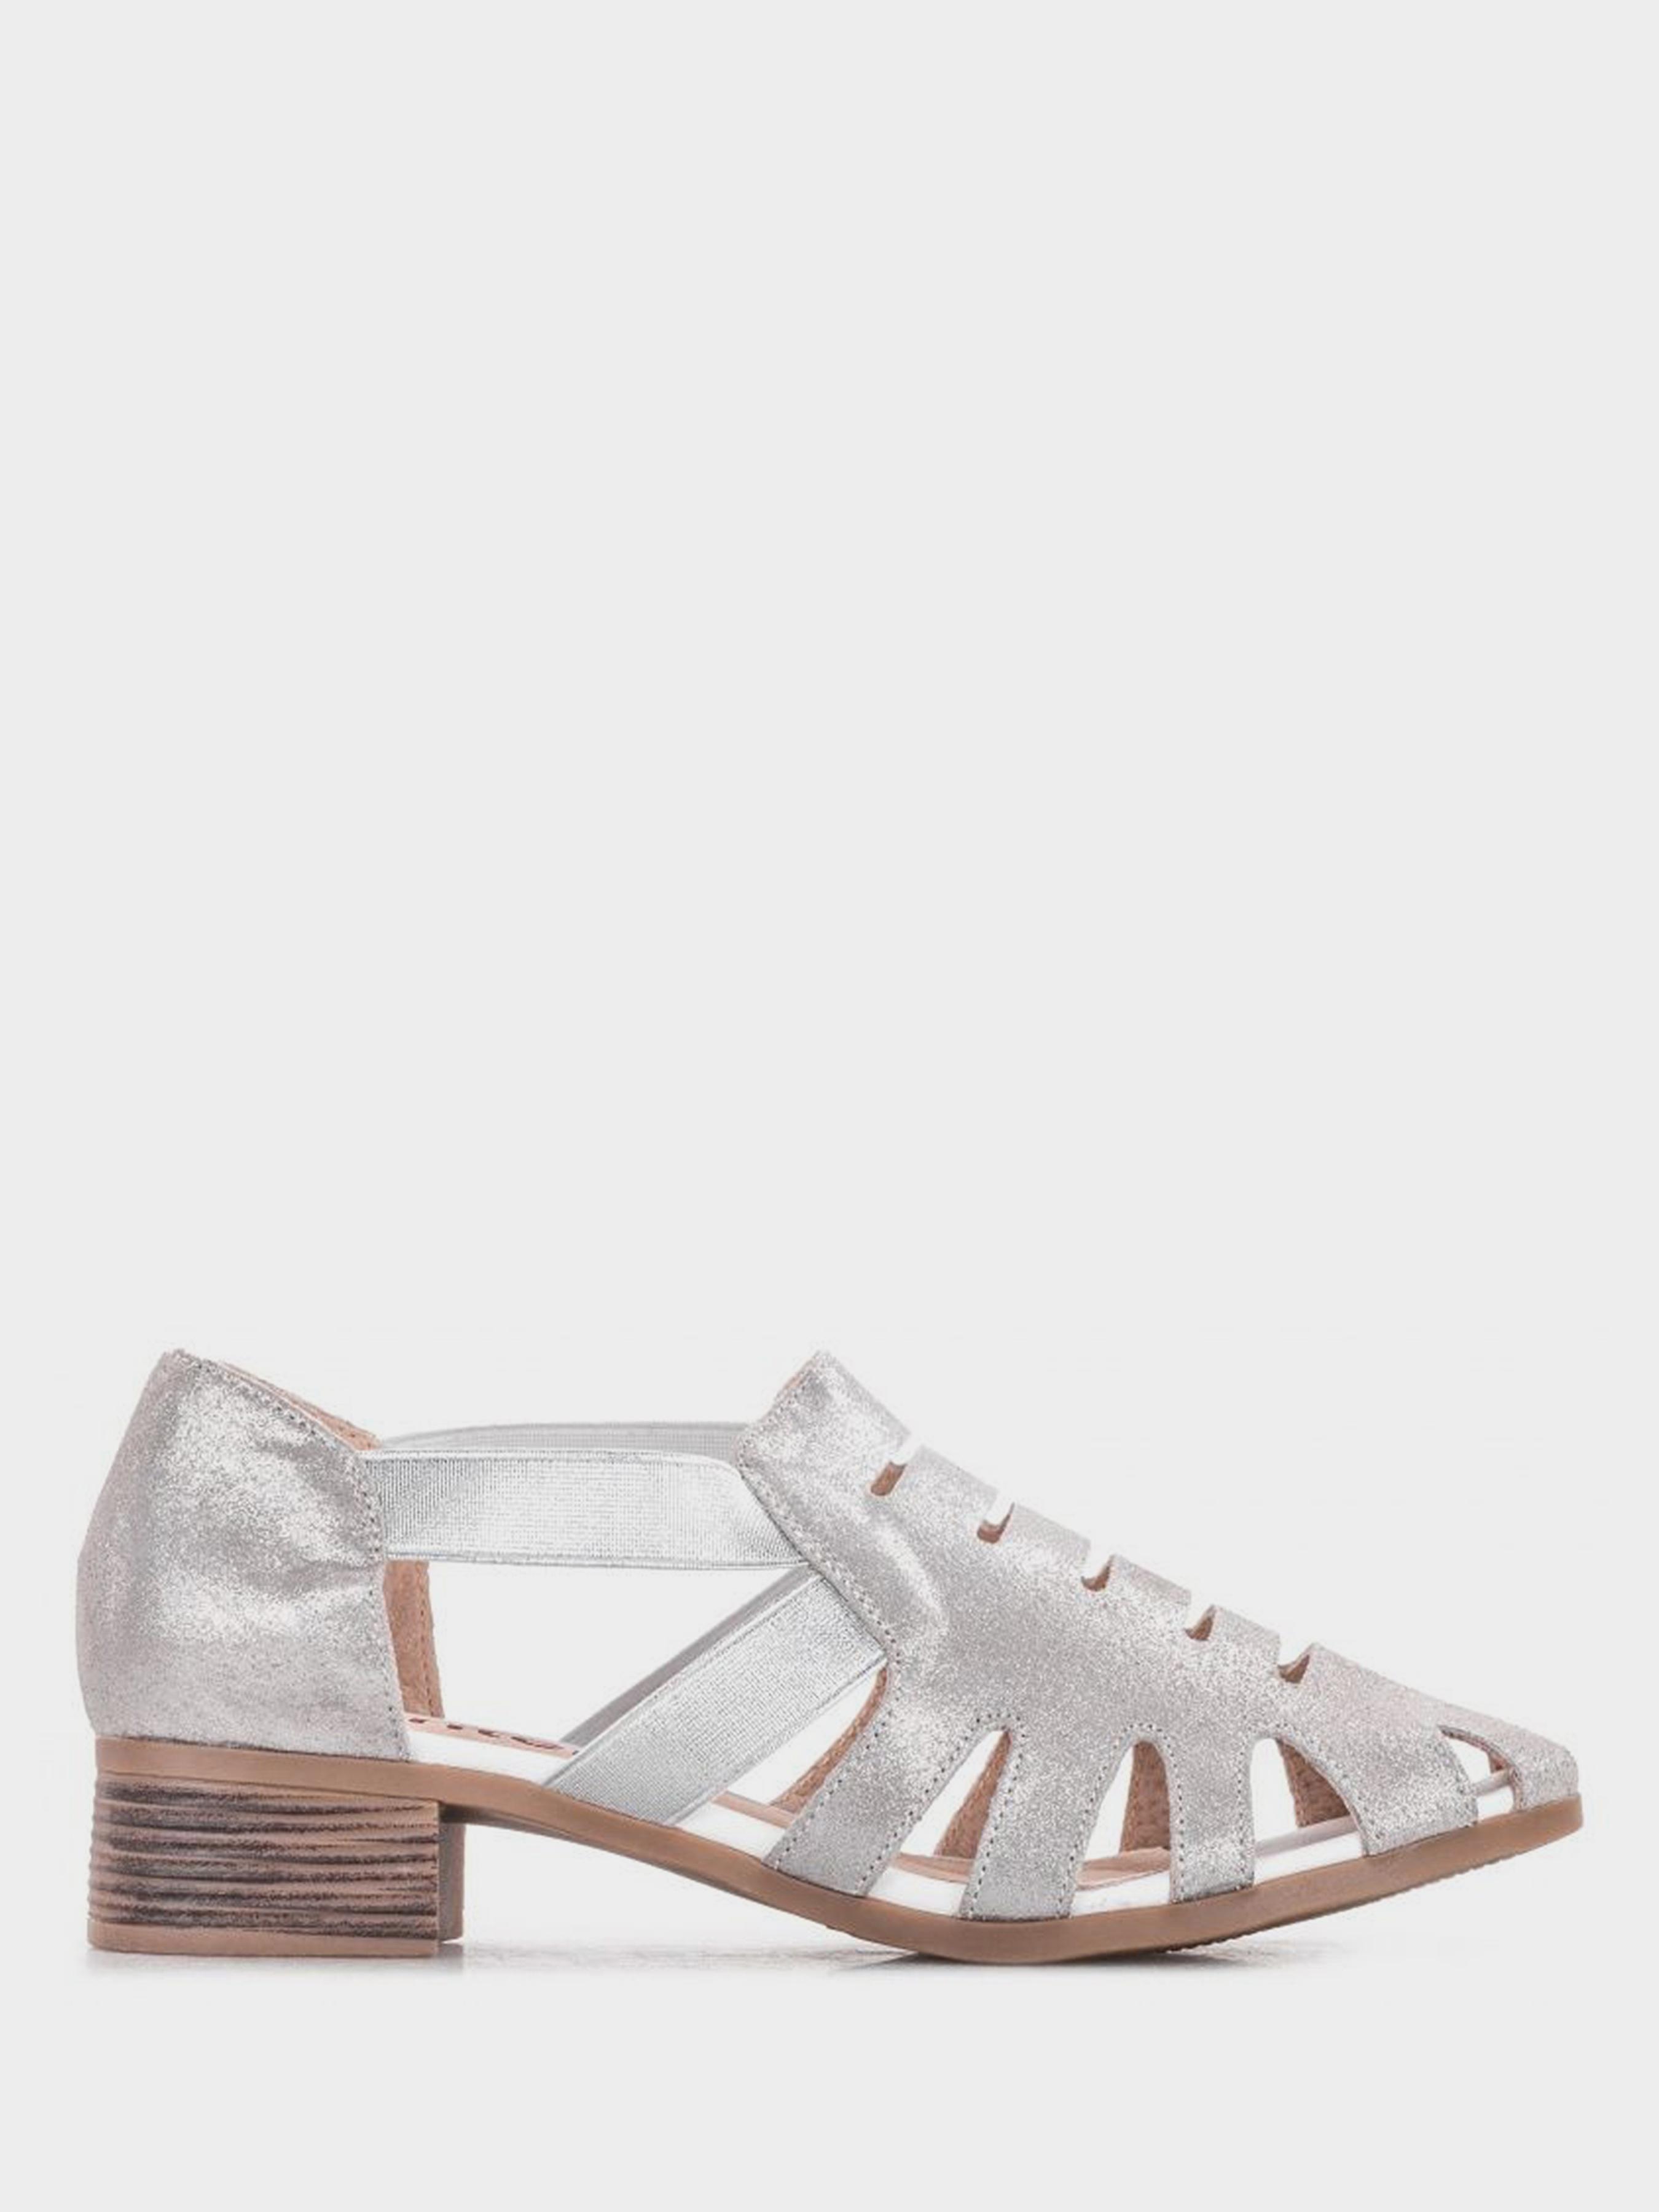 Босоножки для женщин Gunter GR174 размерная сетка обуви, 2017